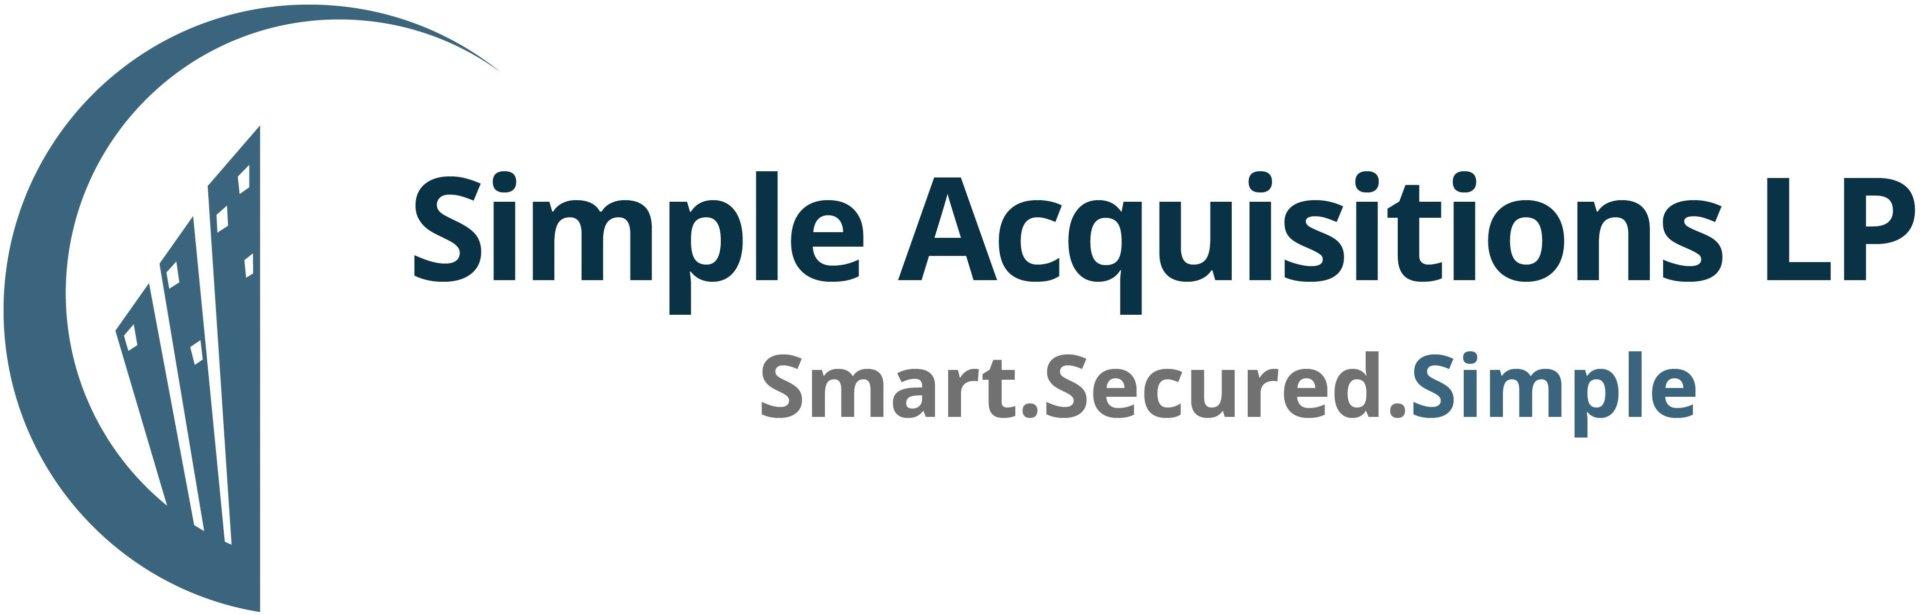 Simple Acquisitions, LP